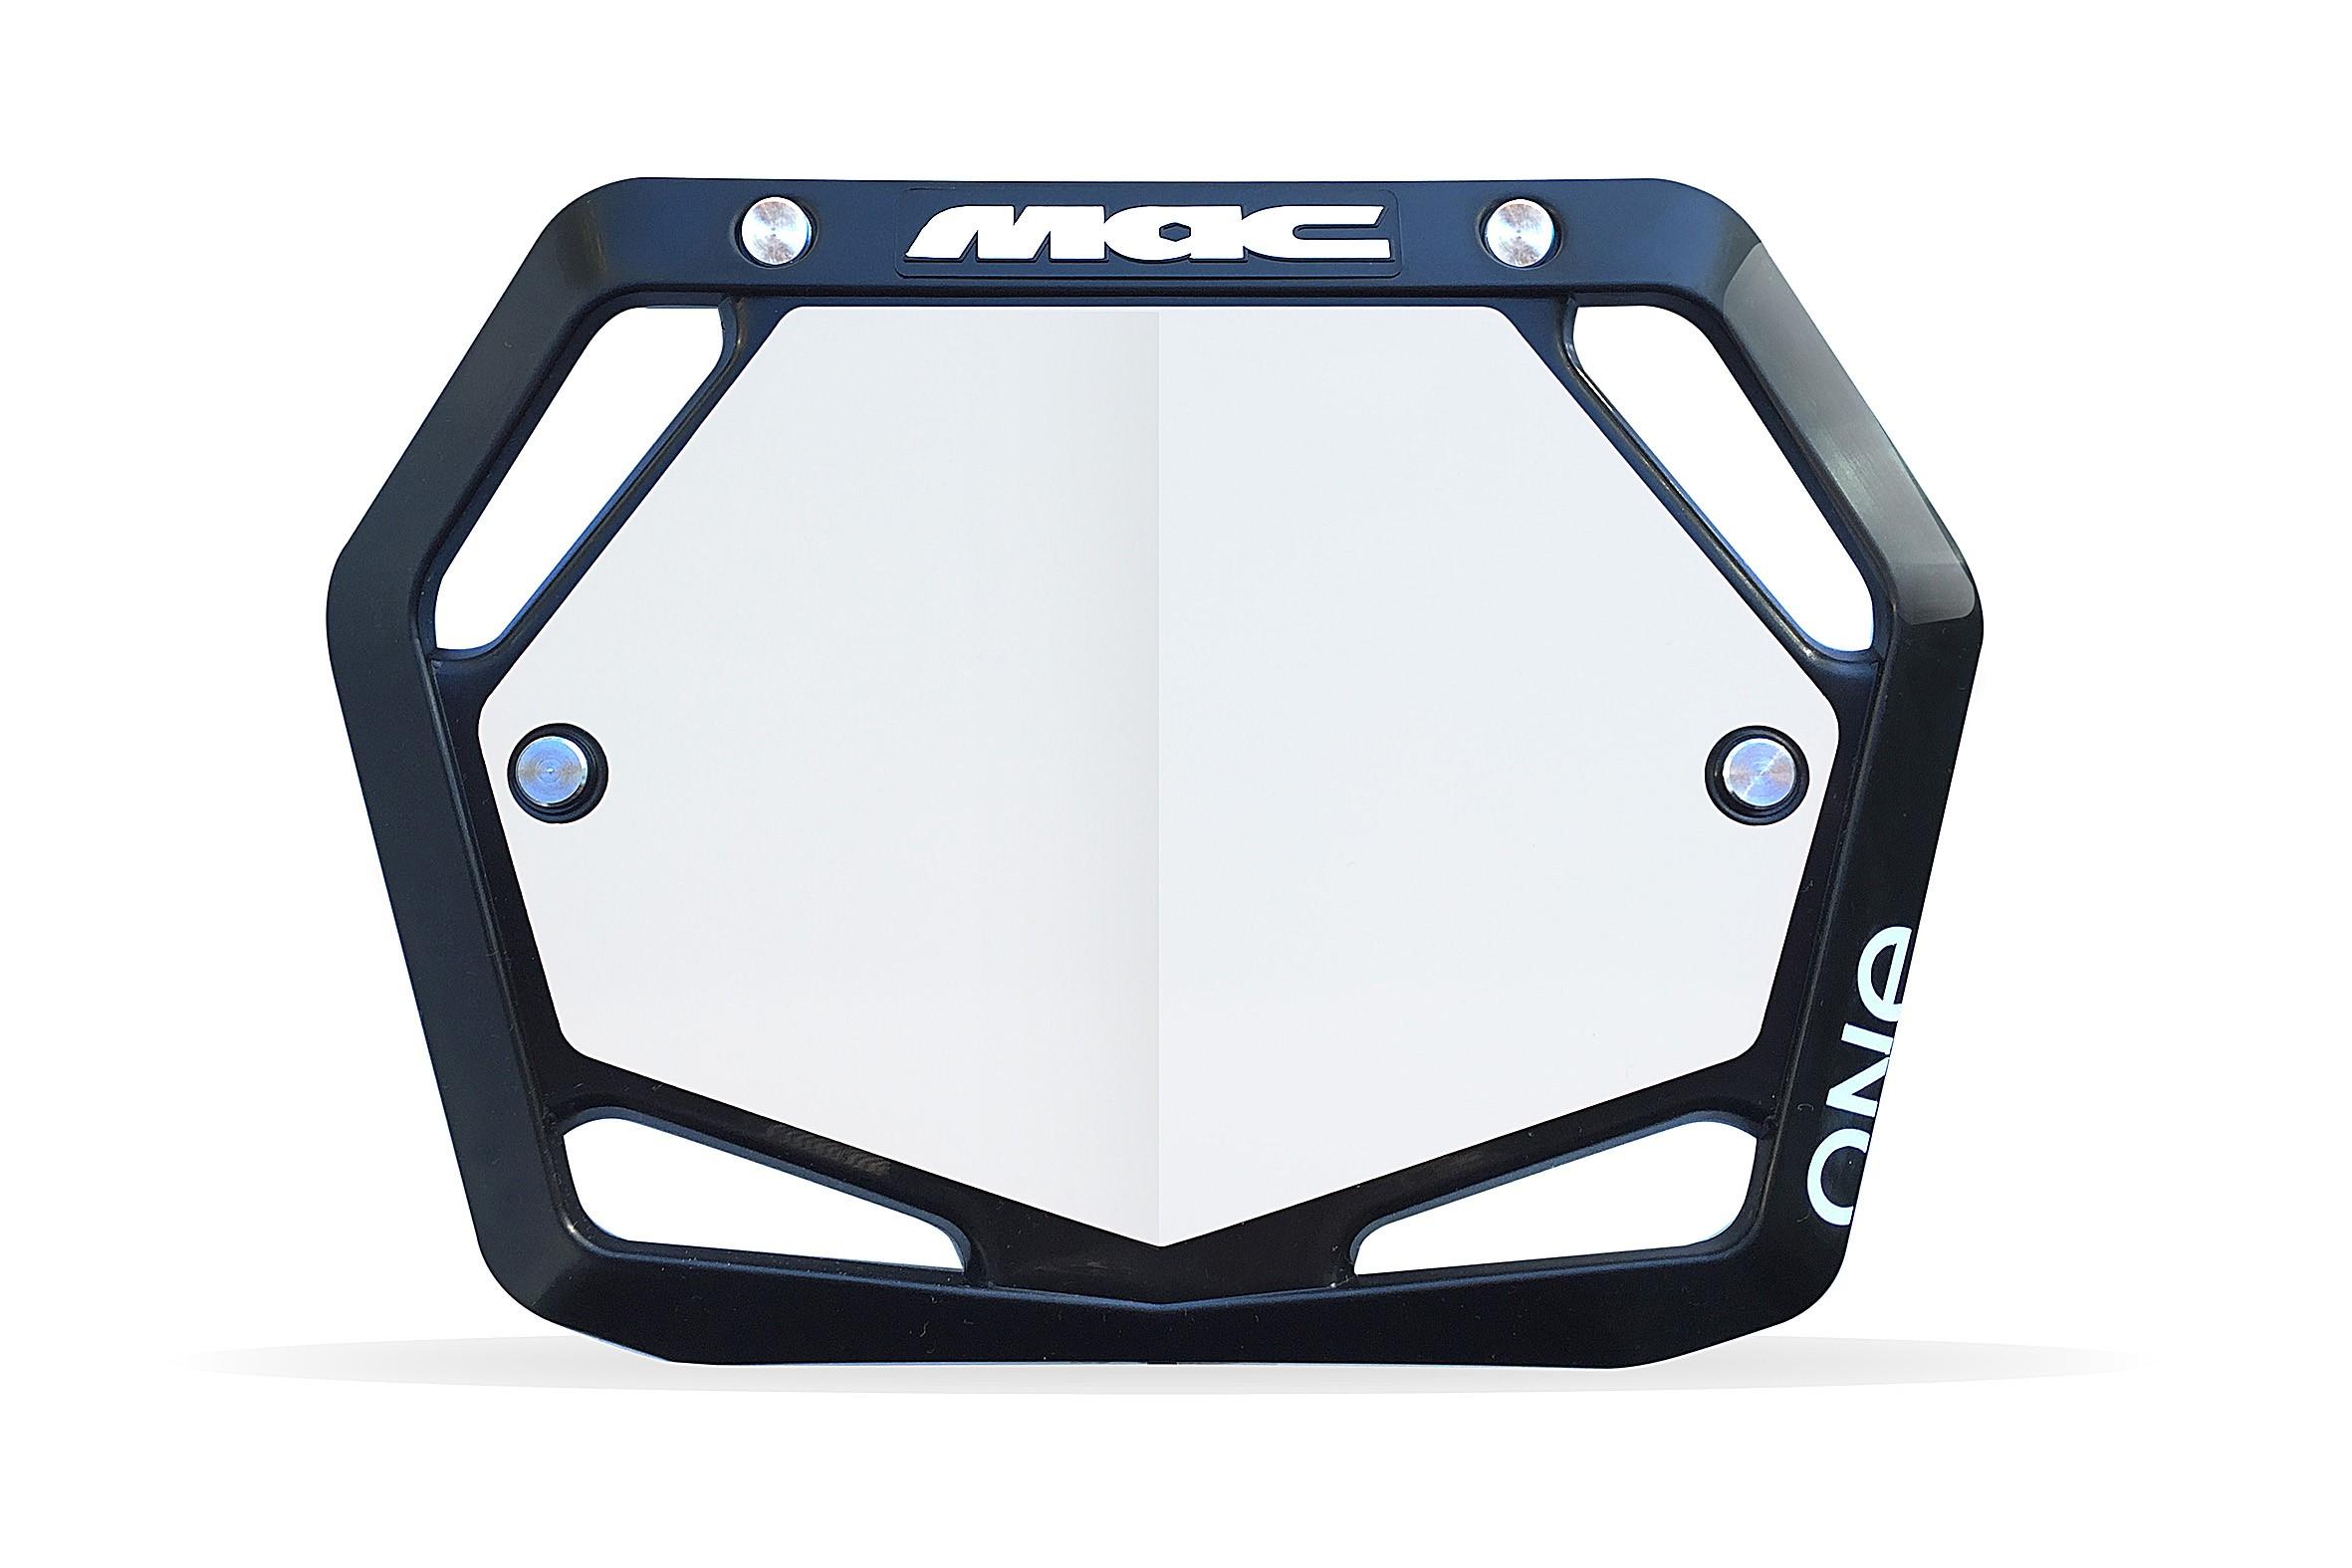 Plaque-mini-mac-component